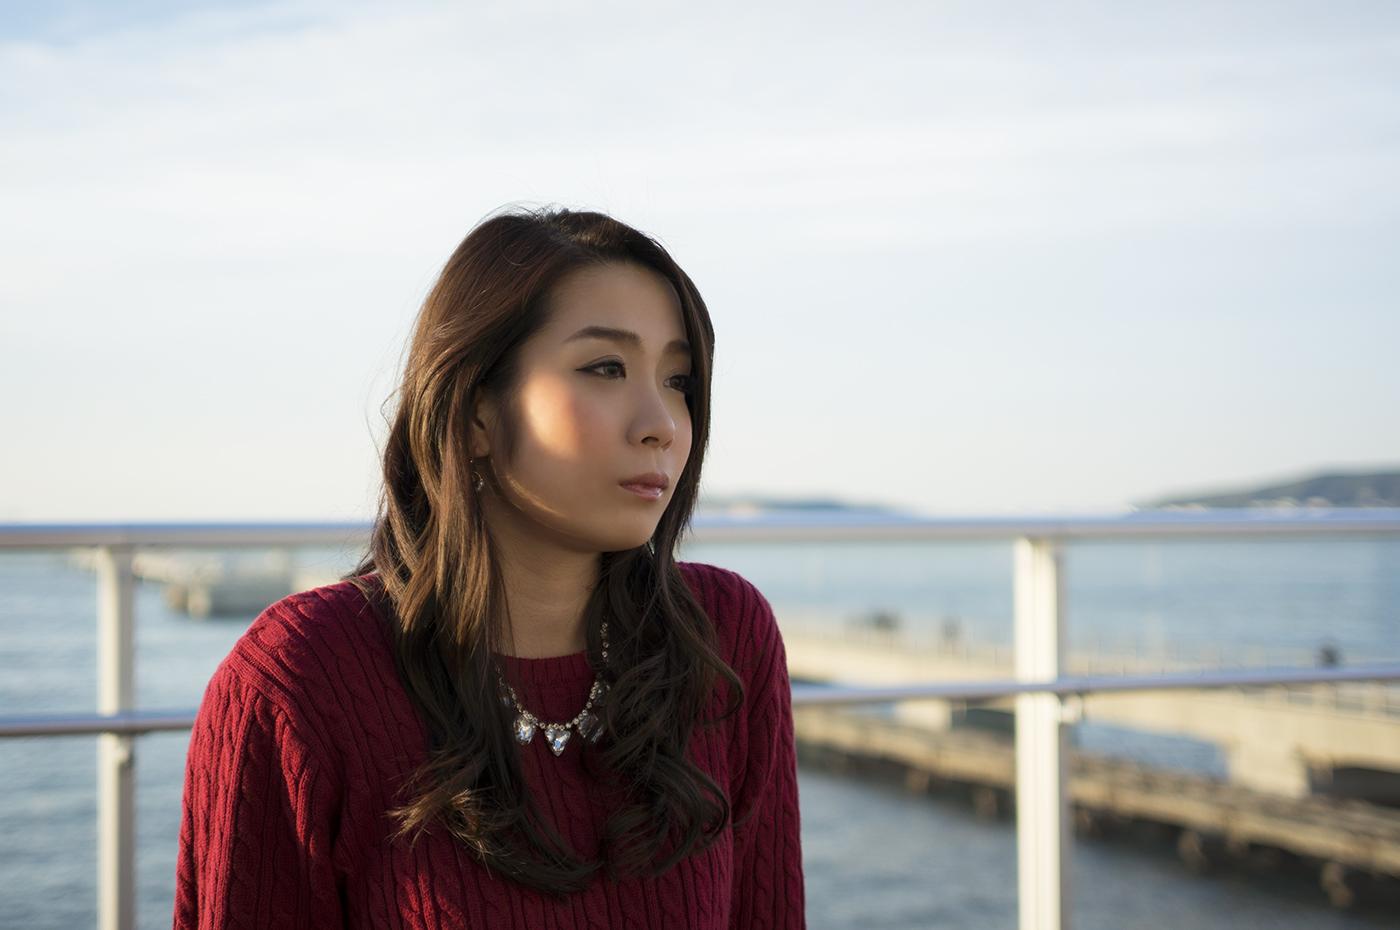 館山夕日桟橋 | 息を呑むほどに美しい夕日